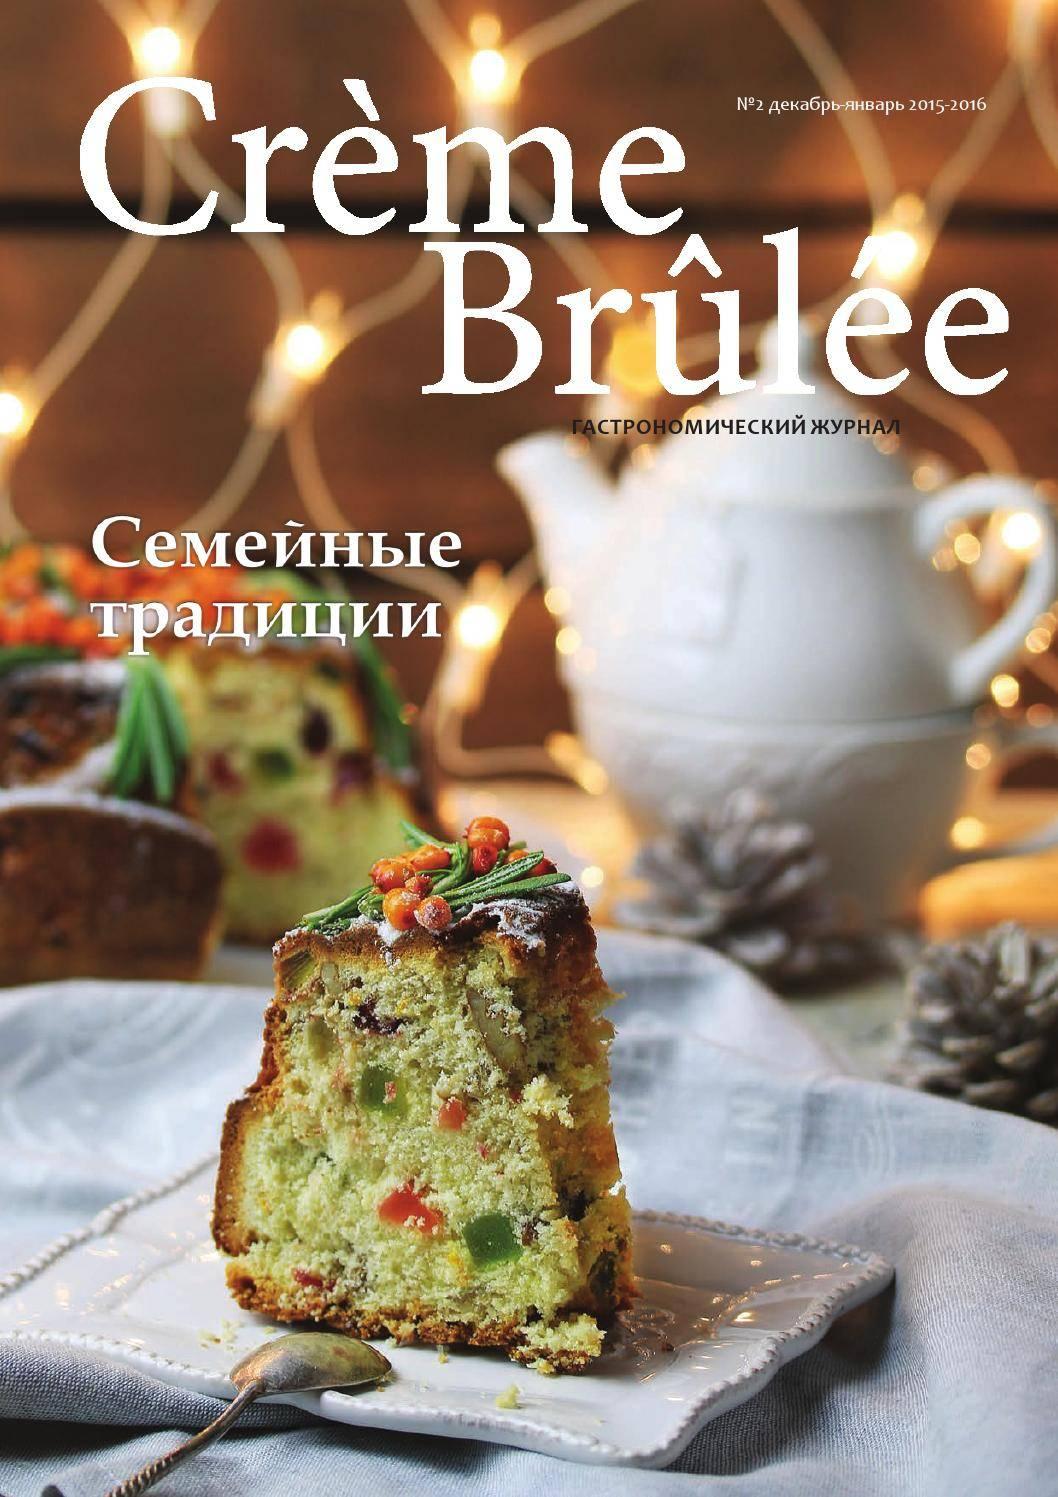 Дорадо с овощами. рыба на подушке из овощей - рецепты джуренко